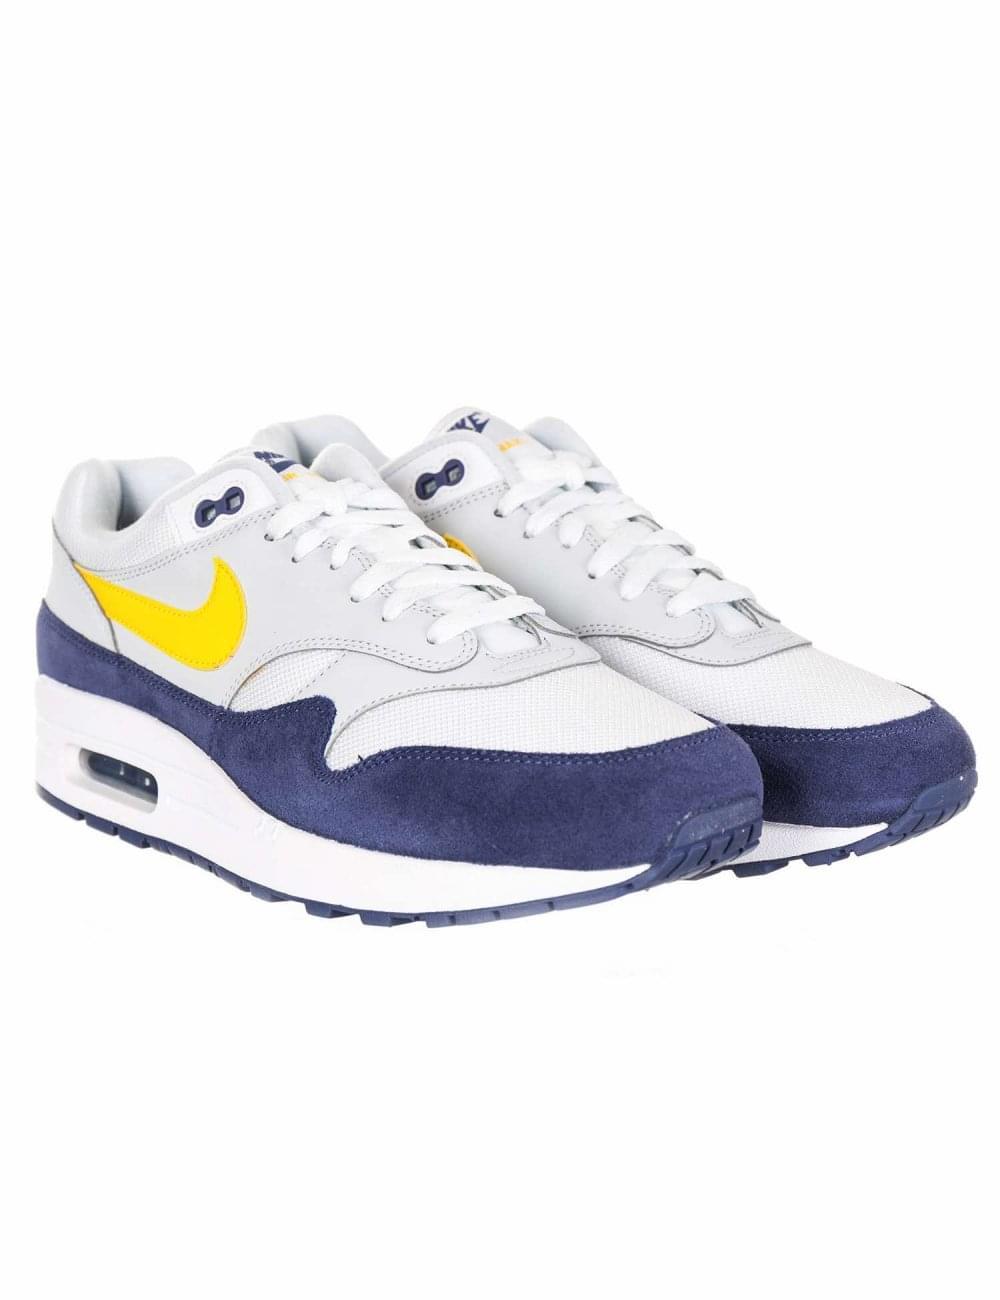 fb8e97e63d Nike Air Max 1 Trainers - White/Tour Yellow/Blue Recall - Footwear ...